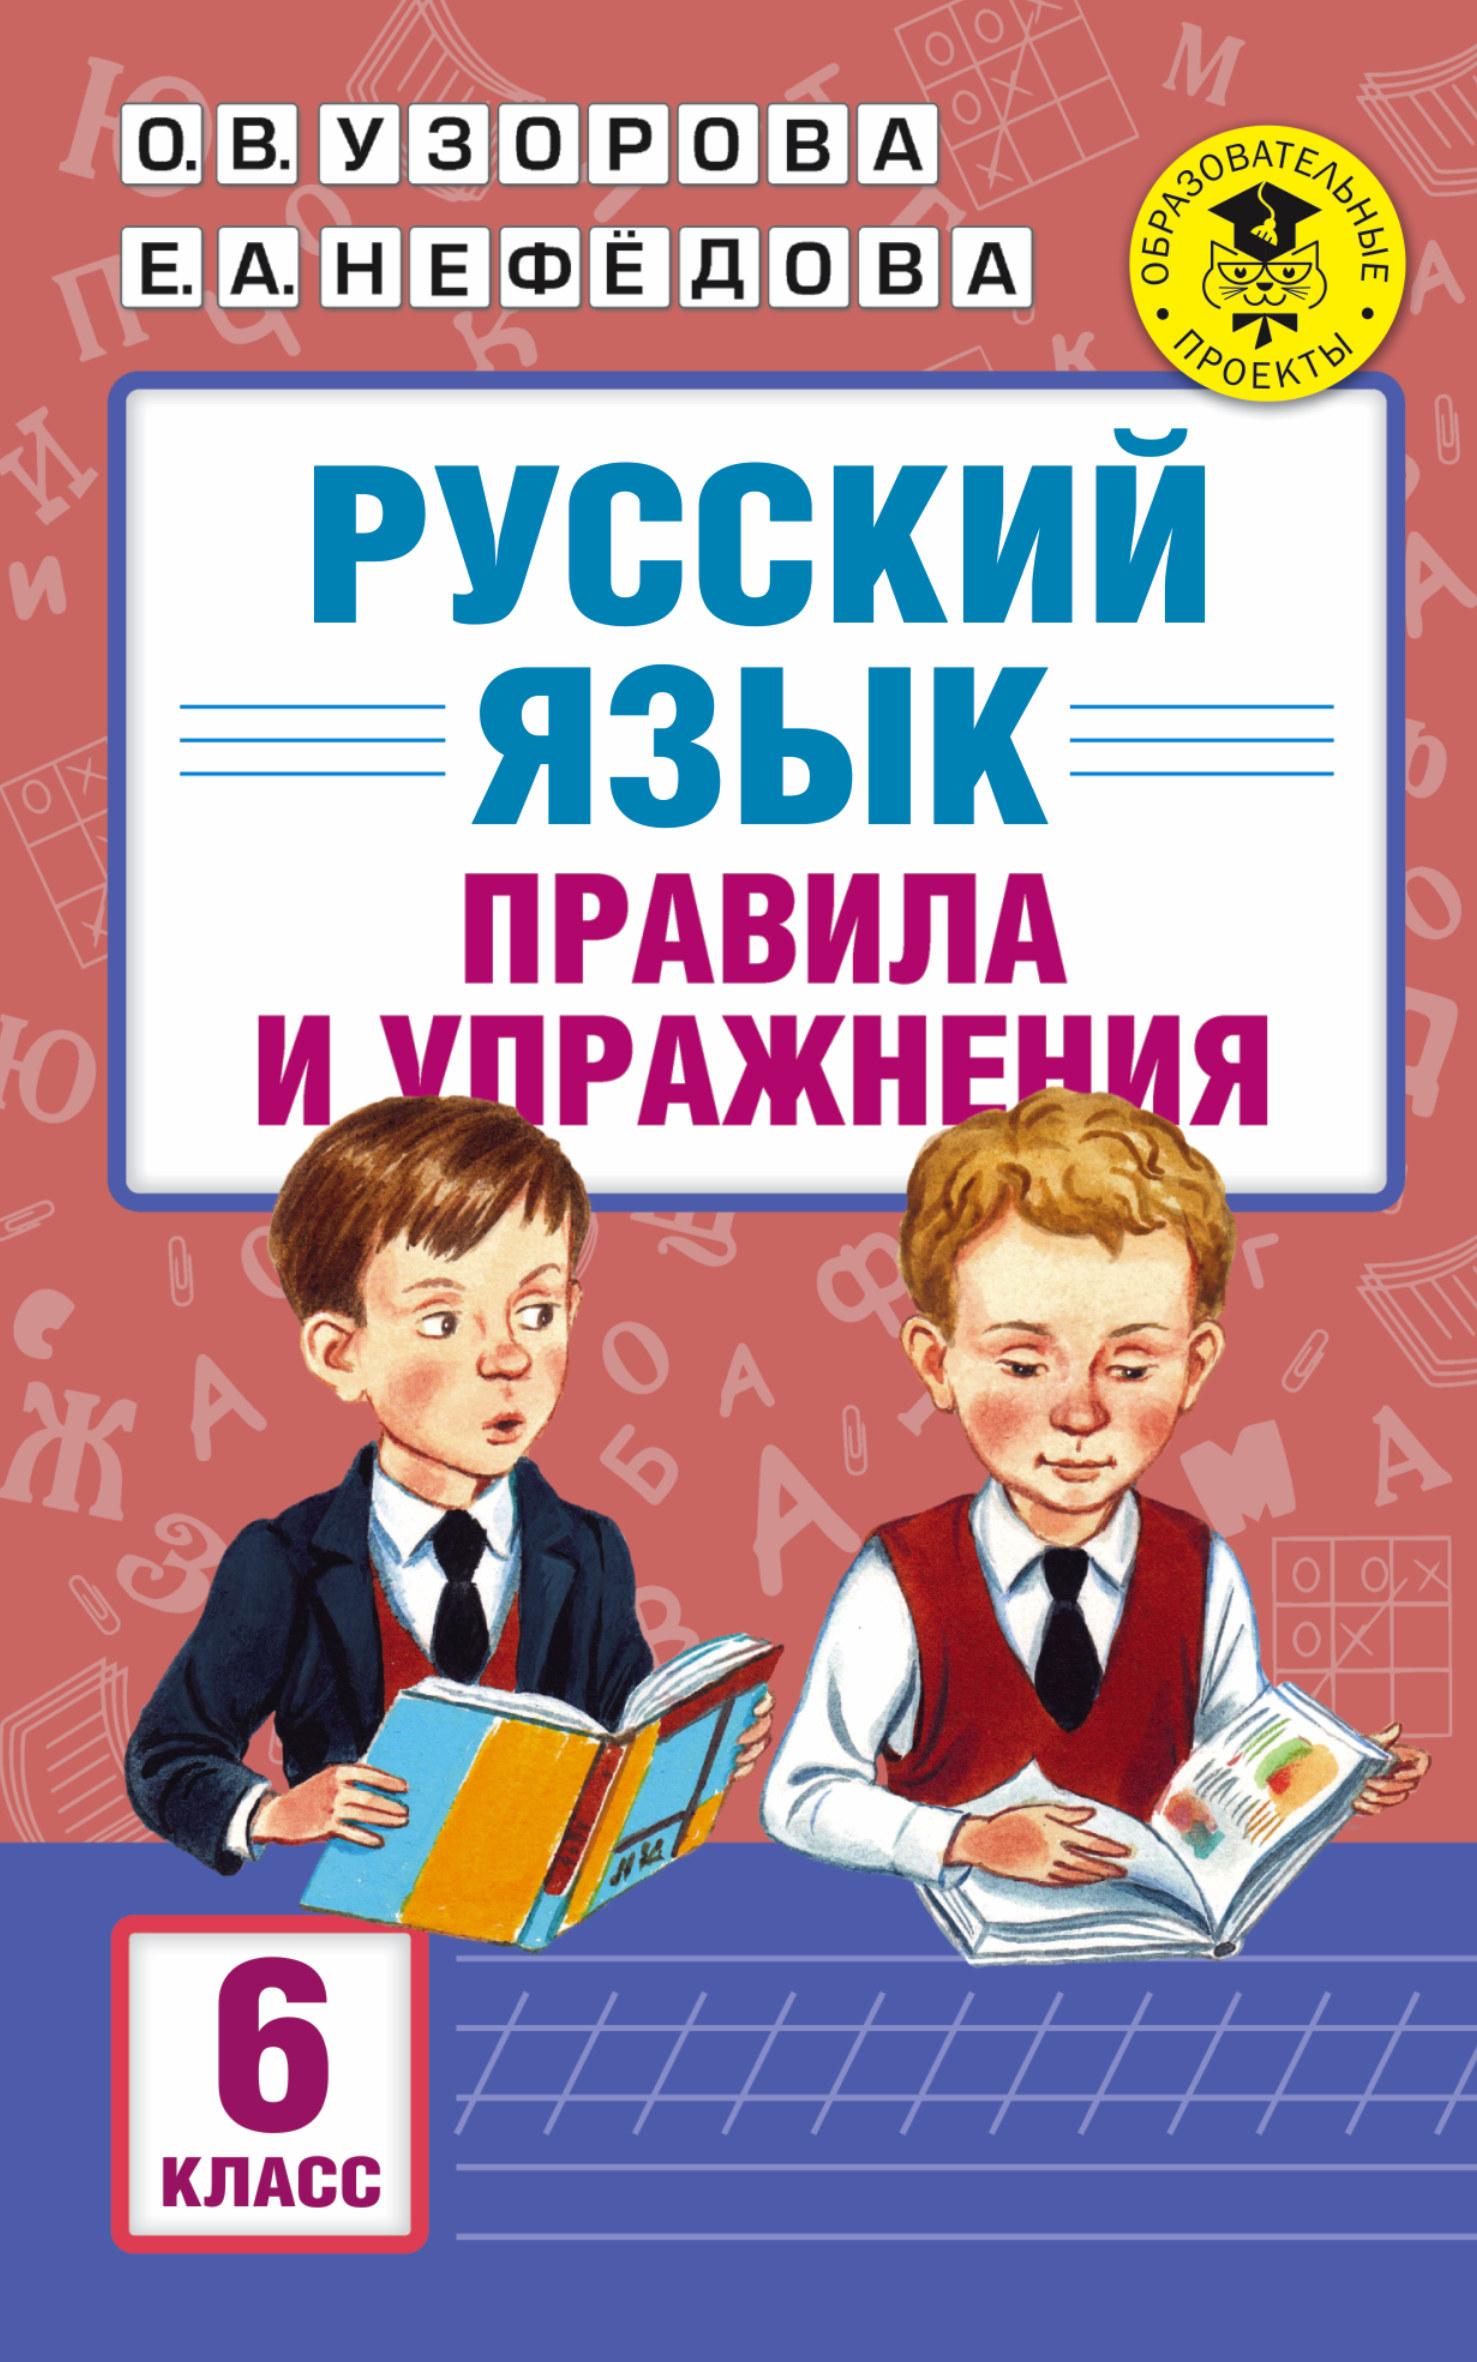 цена на О. В. Узорова Русский язык. Правила и упражнения. 6 класс